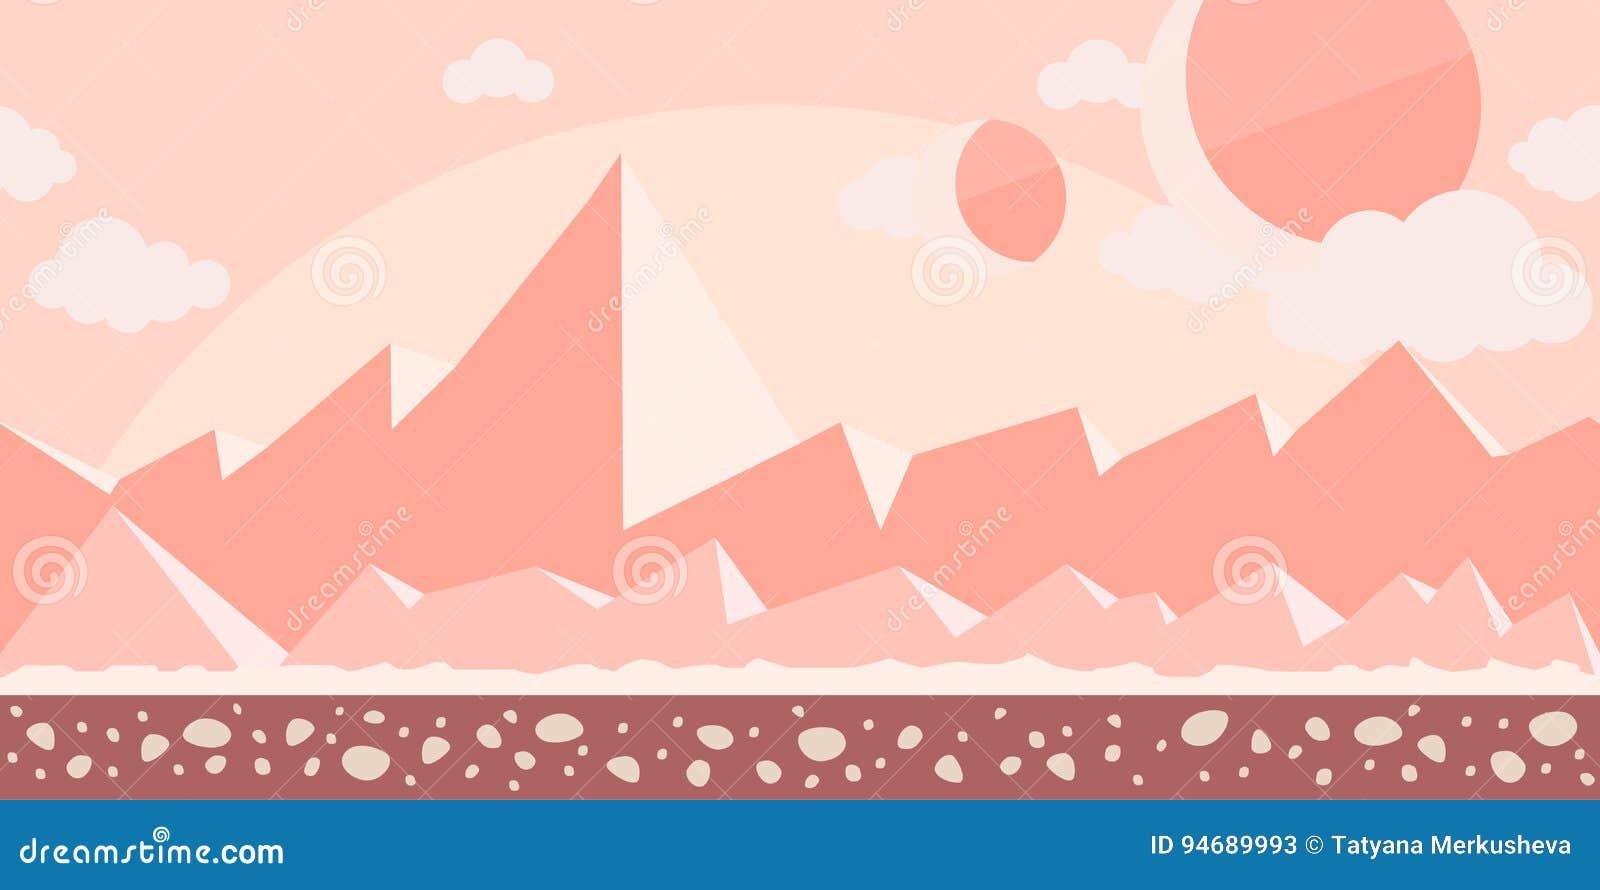 Άνευ ραφής ατελείωτο υπόβαθρο για το παιχνίδι ή τη ζωτικότητα Επιφάνεια του πλανήτη Άρης ή της δύσκολης ερήμου με τα βουνά